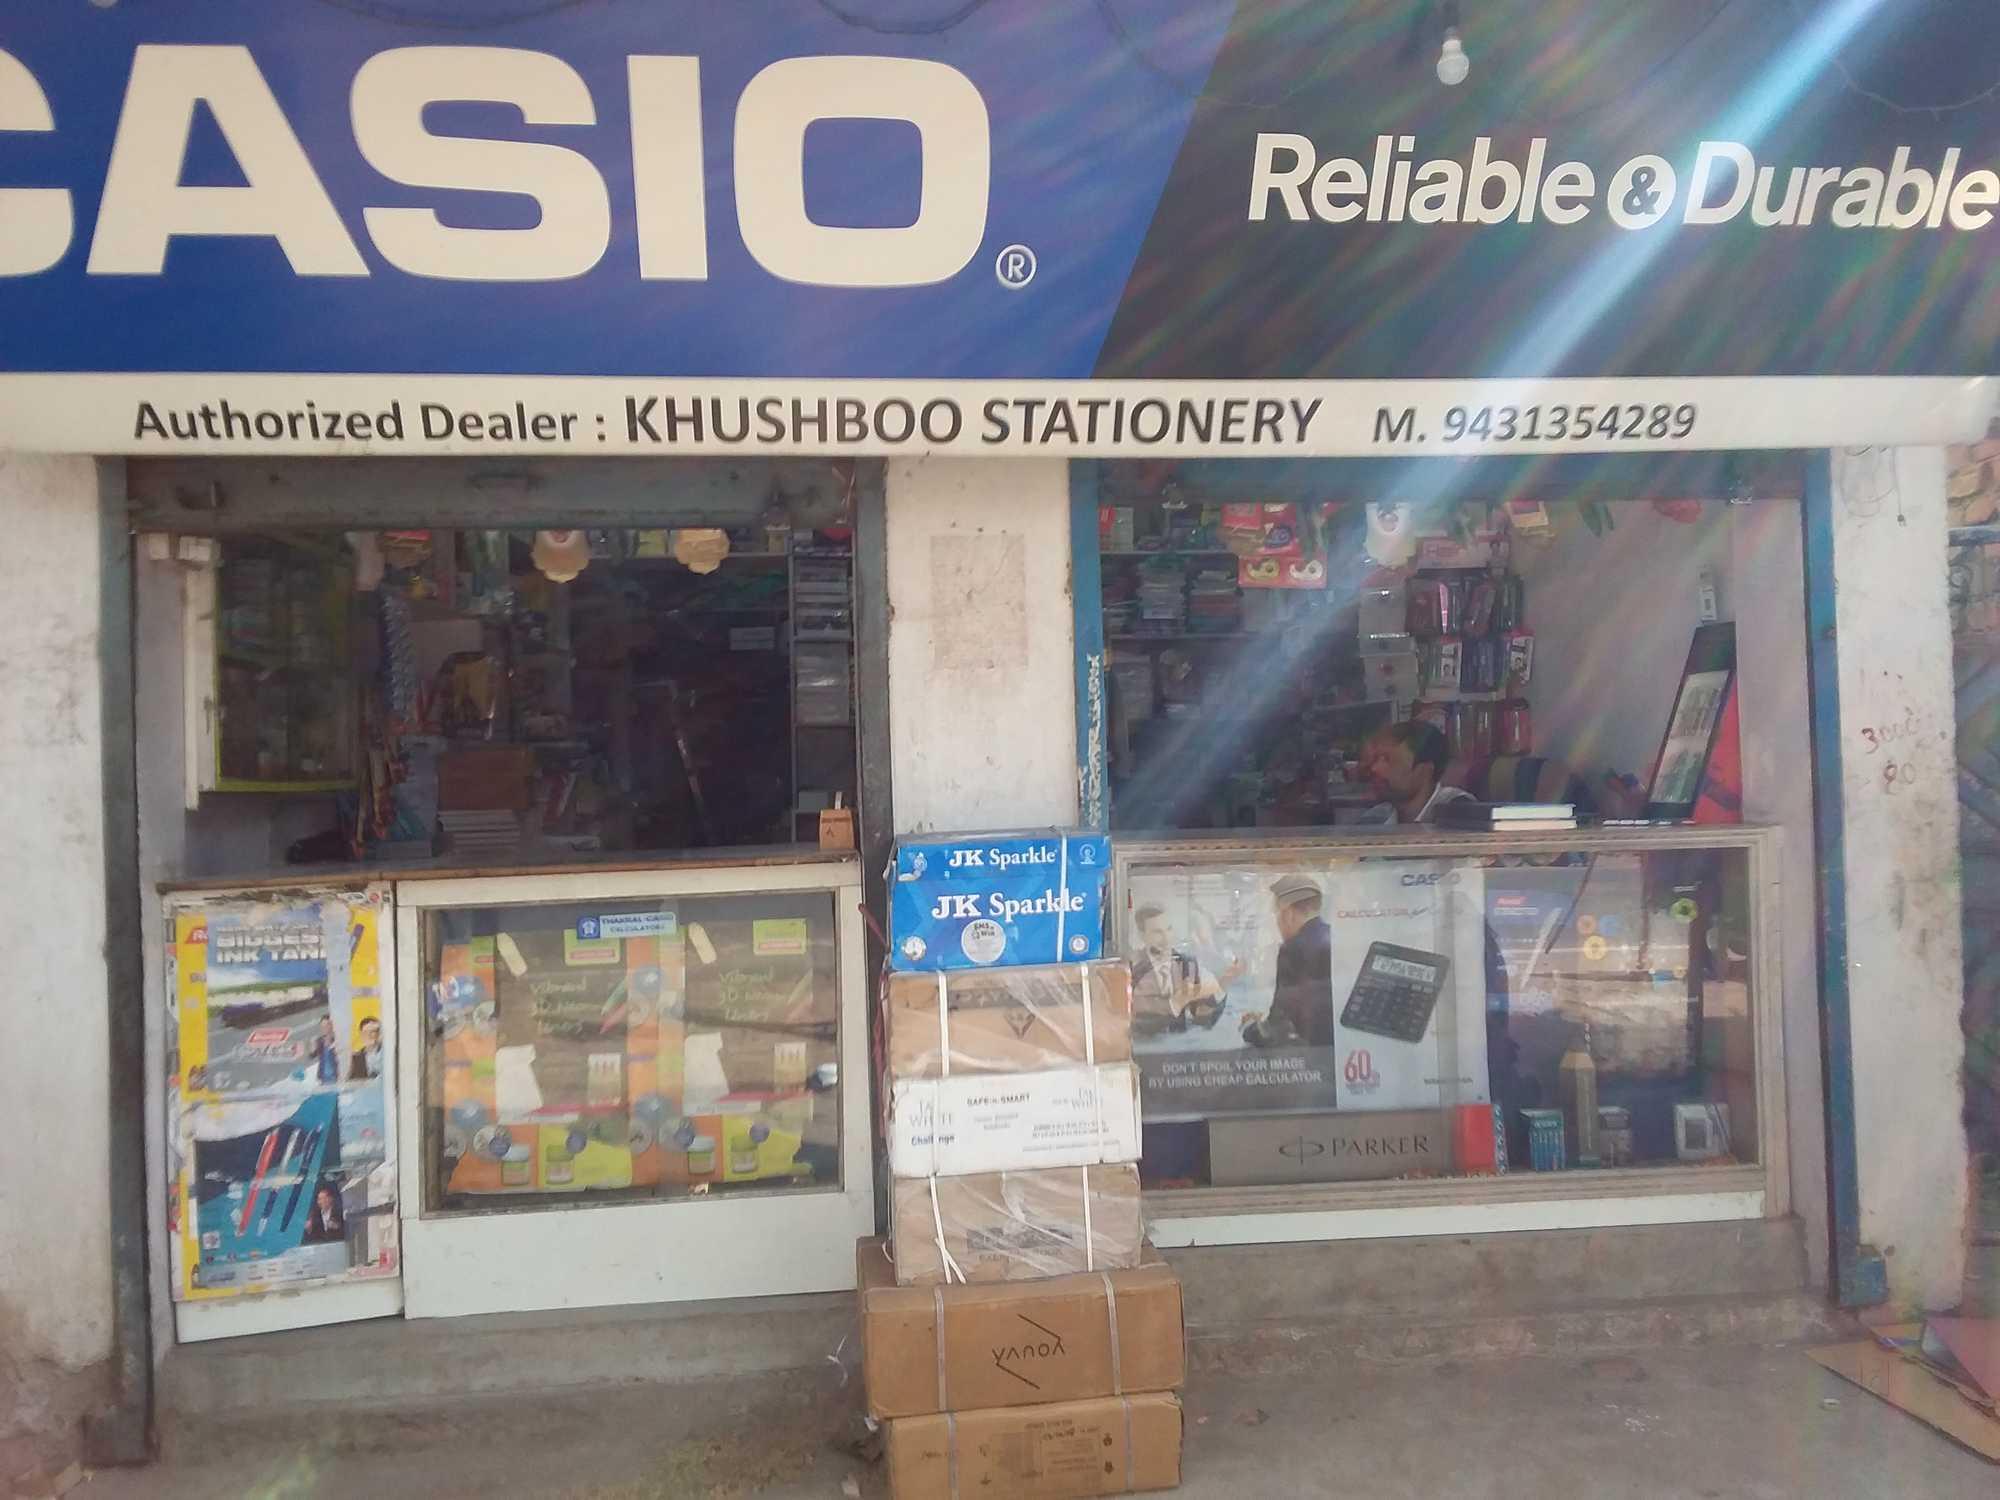 Khushboo Stationery